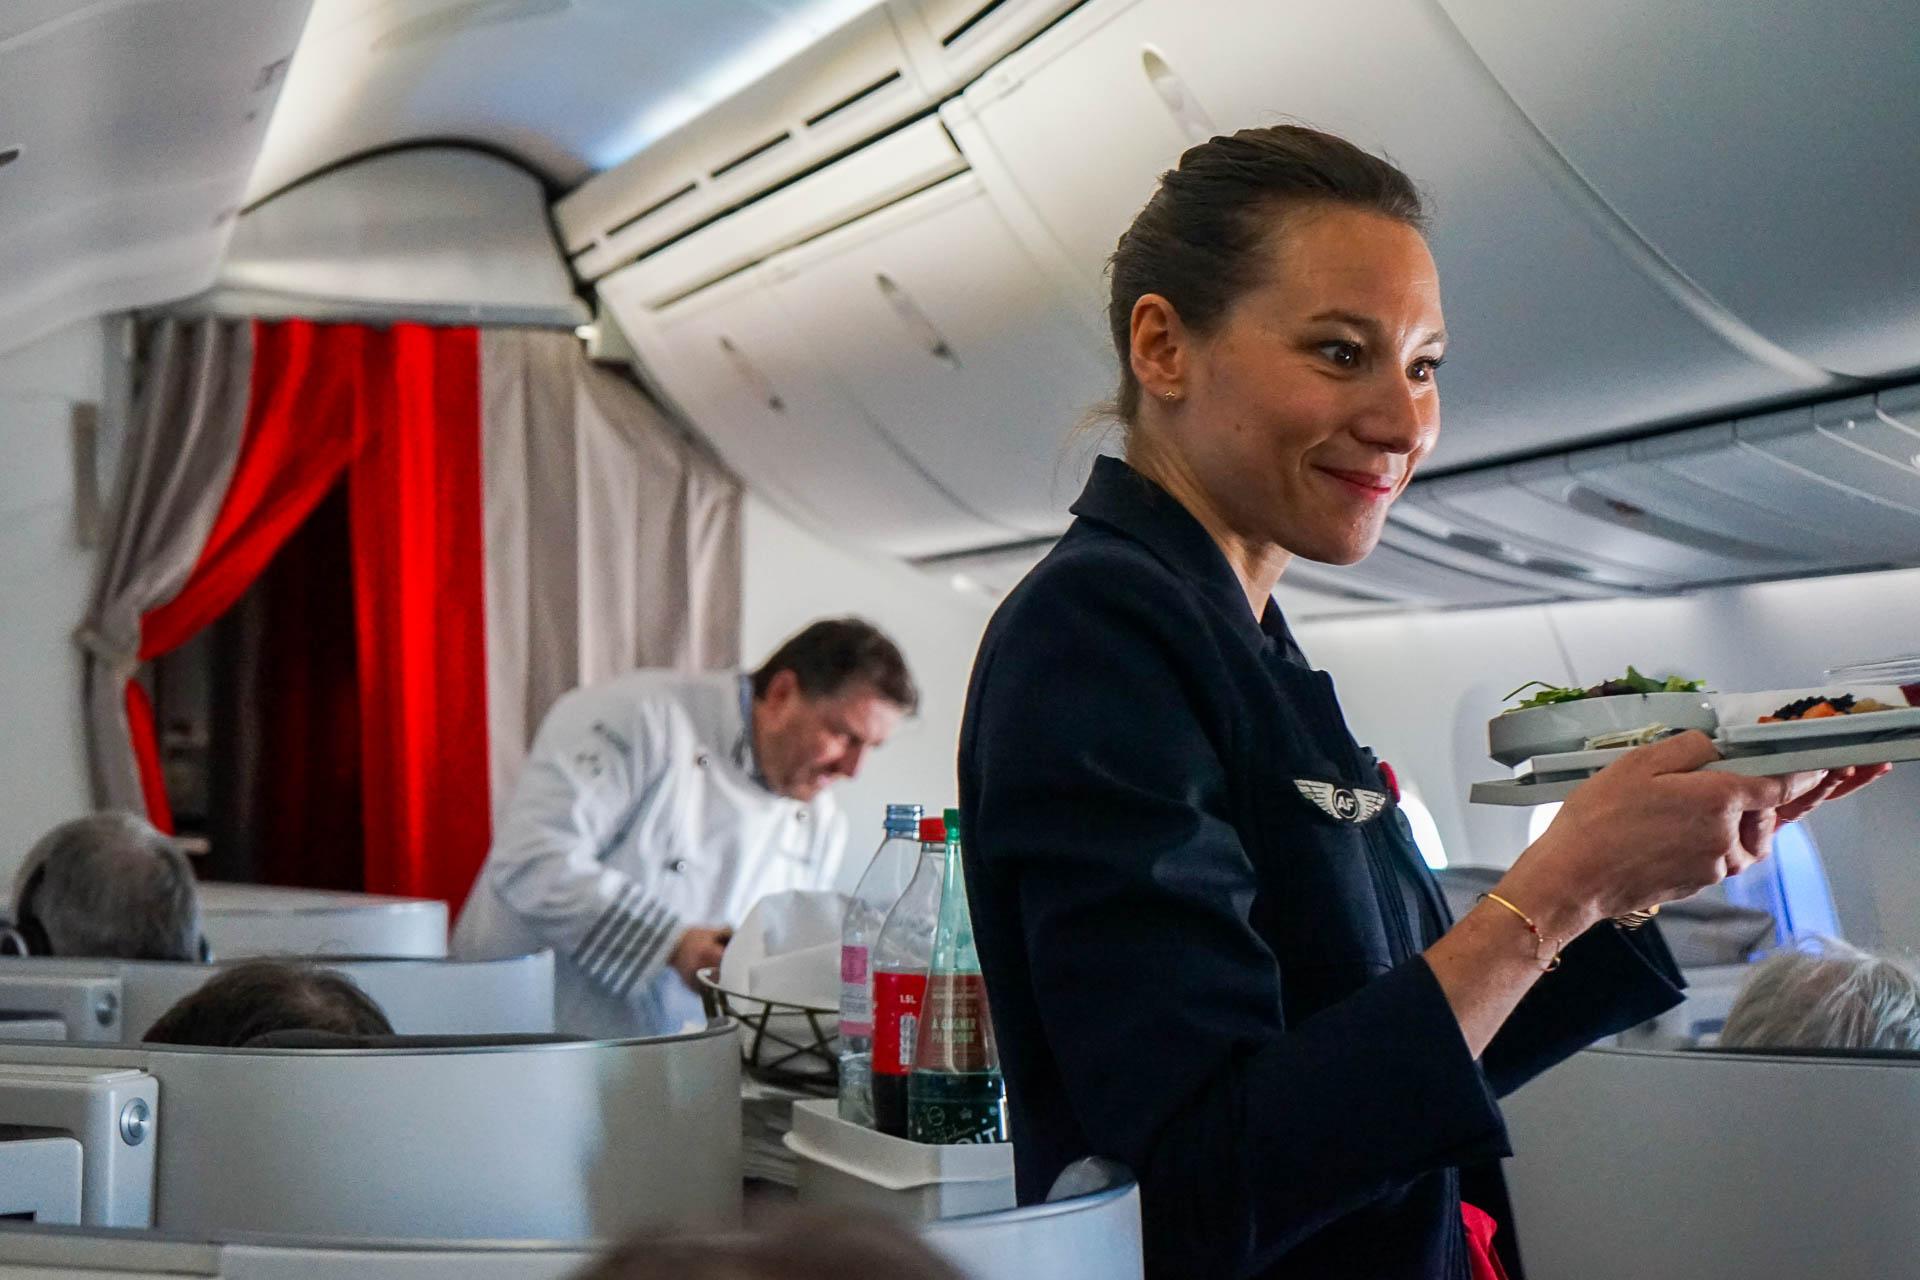 Le 12 février dernier, le vol AF334 reliant Paris-CDG à Boston avait à son bord un invité un peu spécial. Le chef Olivier Bellin, doublement étoilé à L'Auberge des Glazicks (Finistère) cuisinait pour les passagers de la classe Business. Récit d'un vol pas comme les autres.